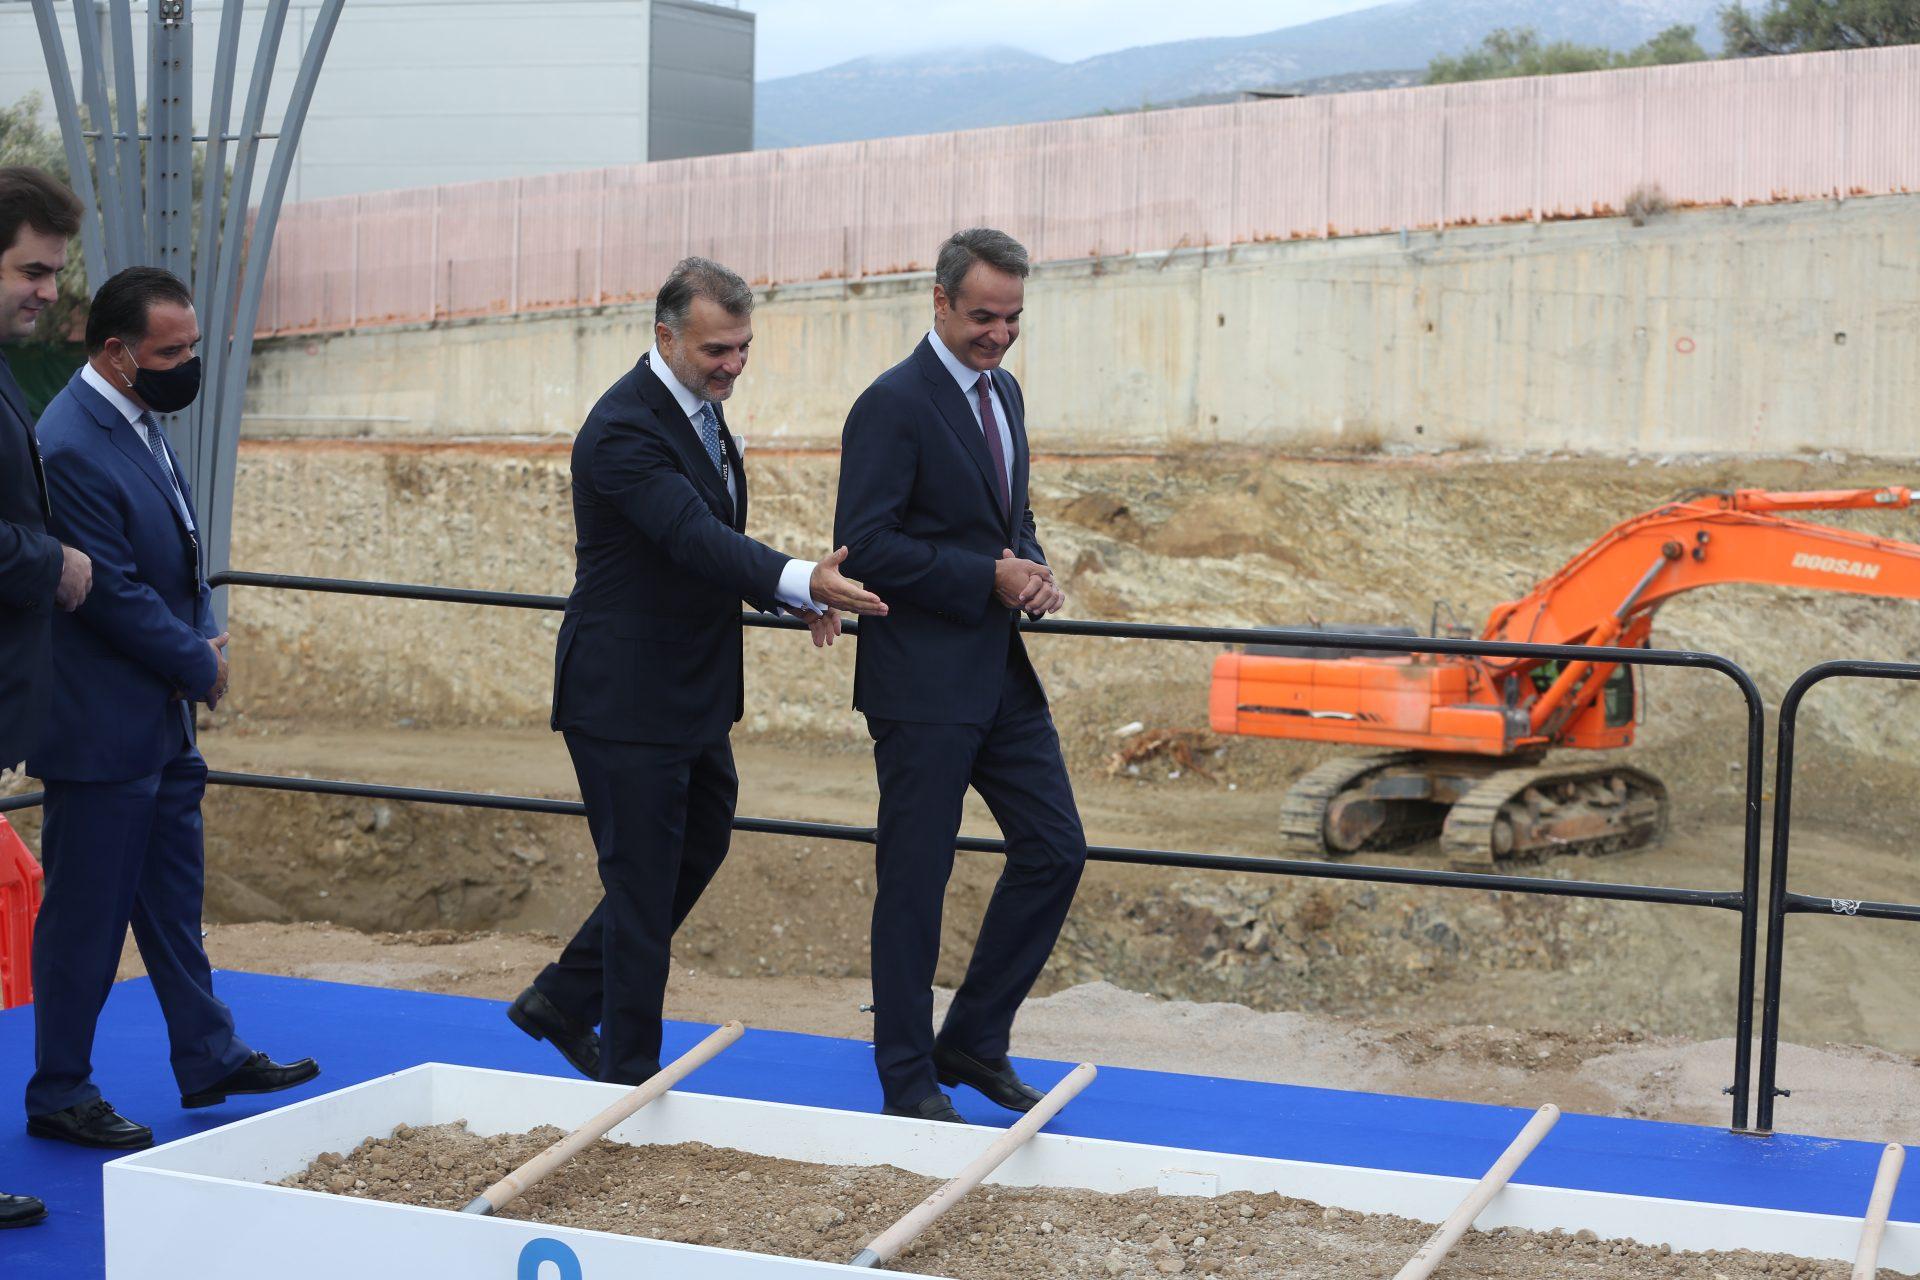 Το νέο data center της Lamda Hellix εγκαινίασε ο Κυριάκος Μητσοτάκης